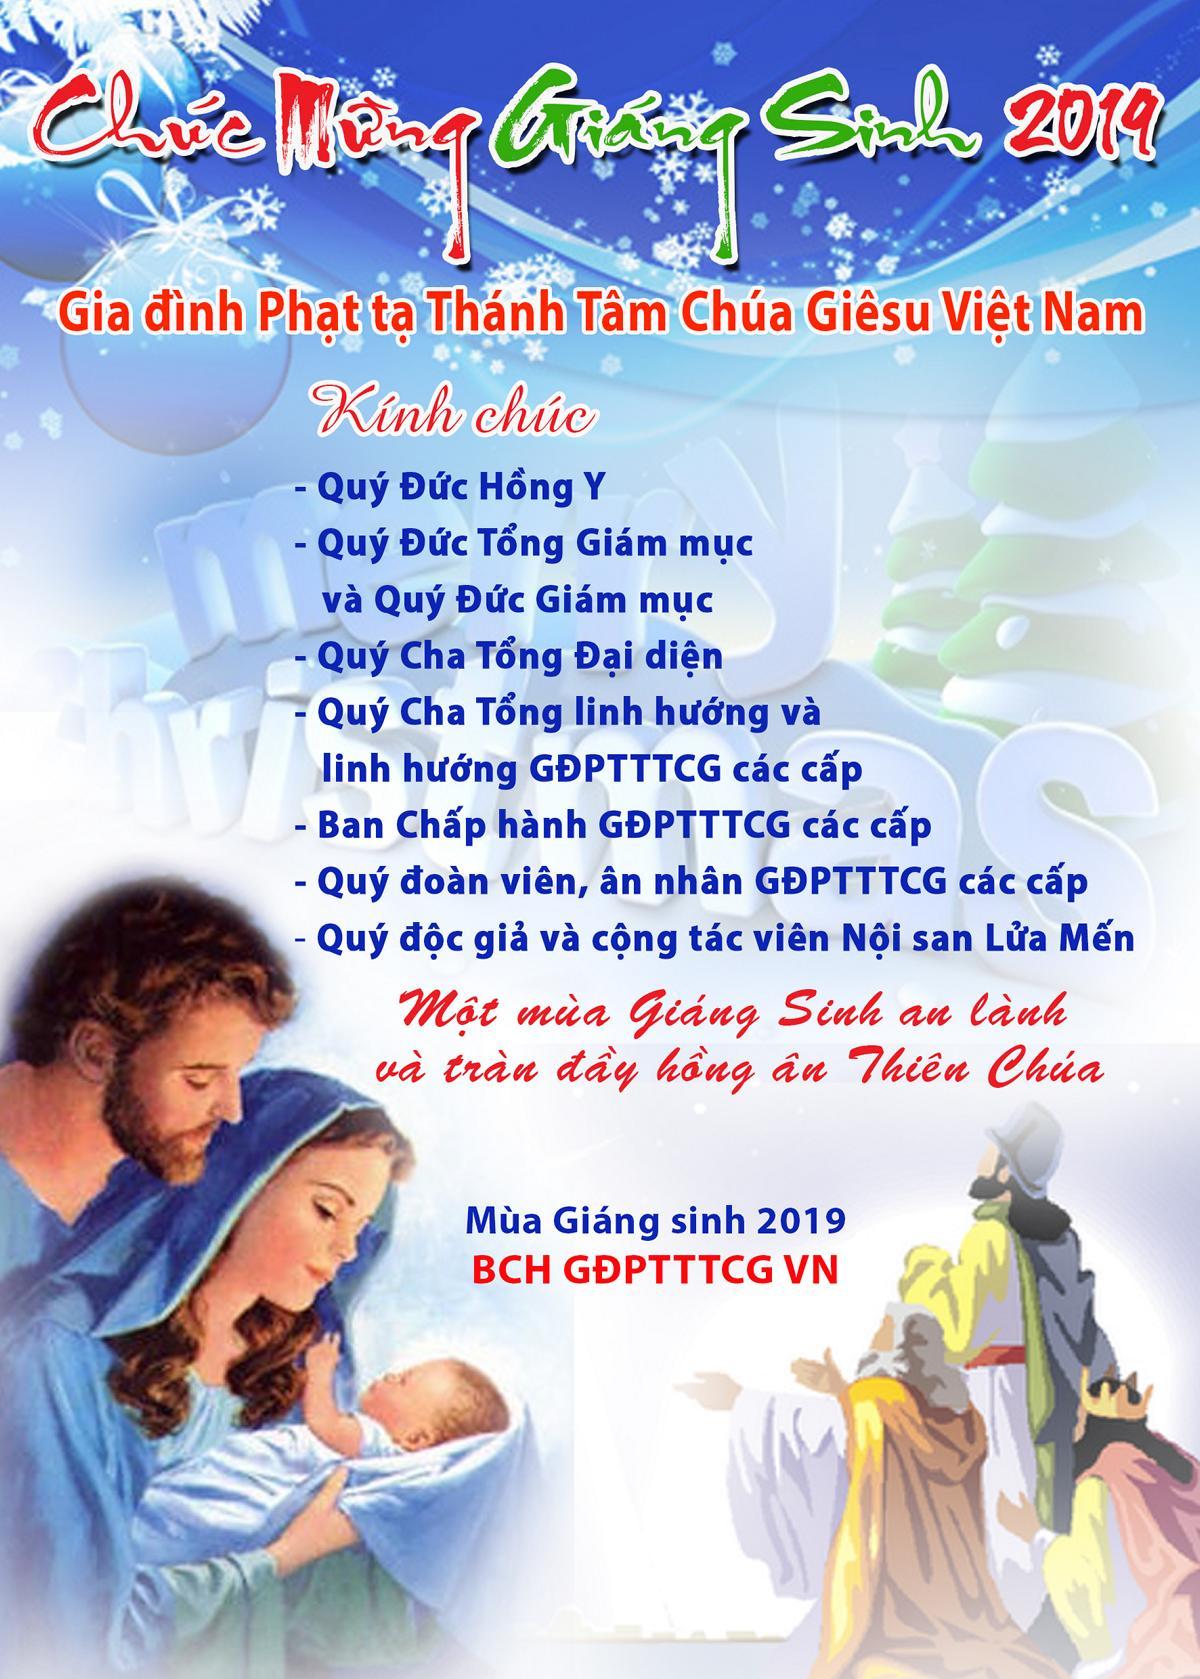 K1600_thiep giang sinh 2019